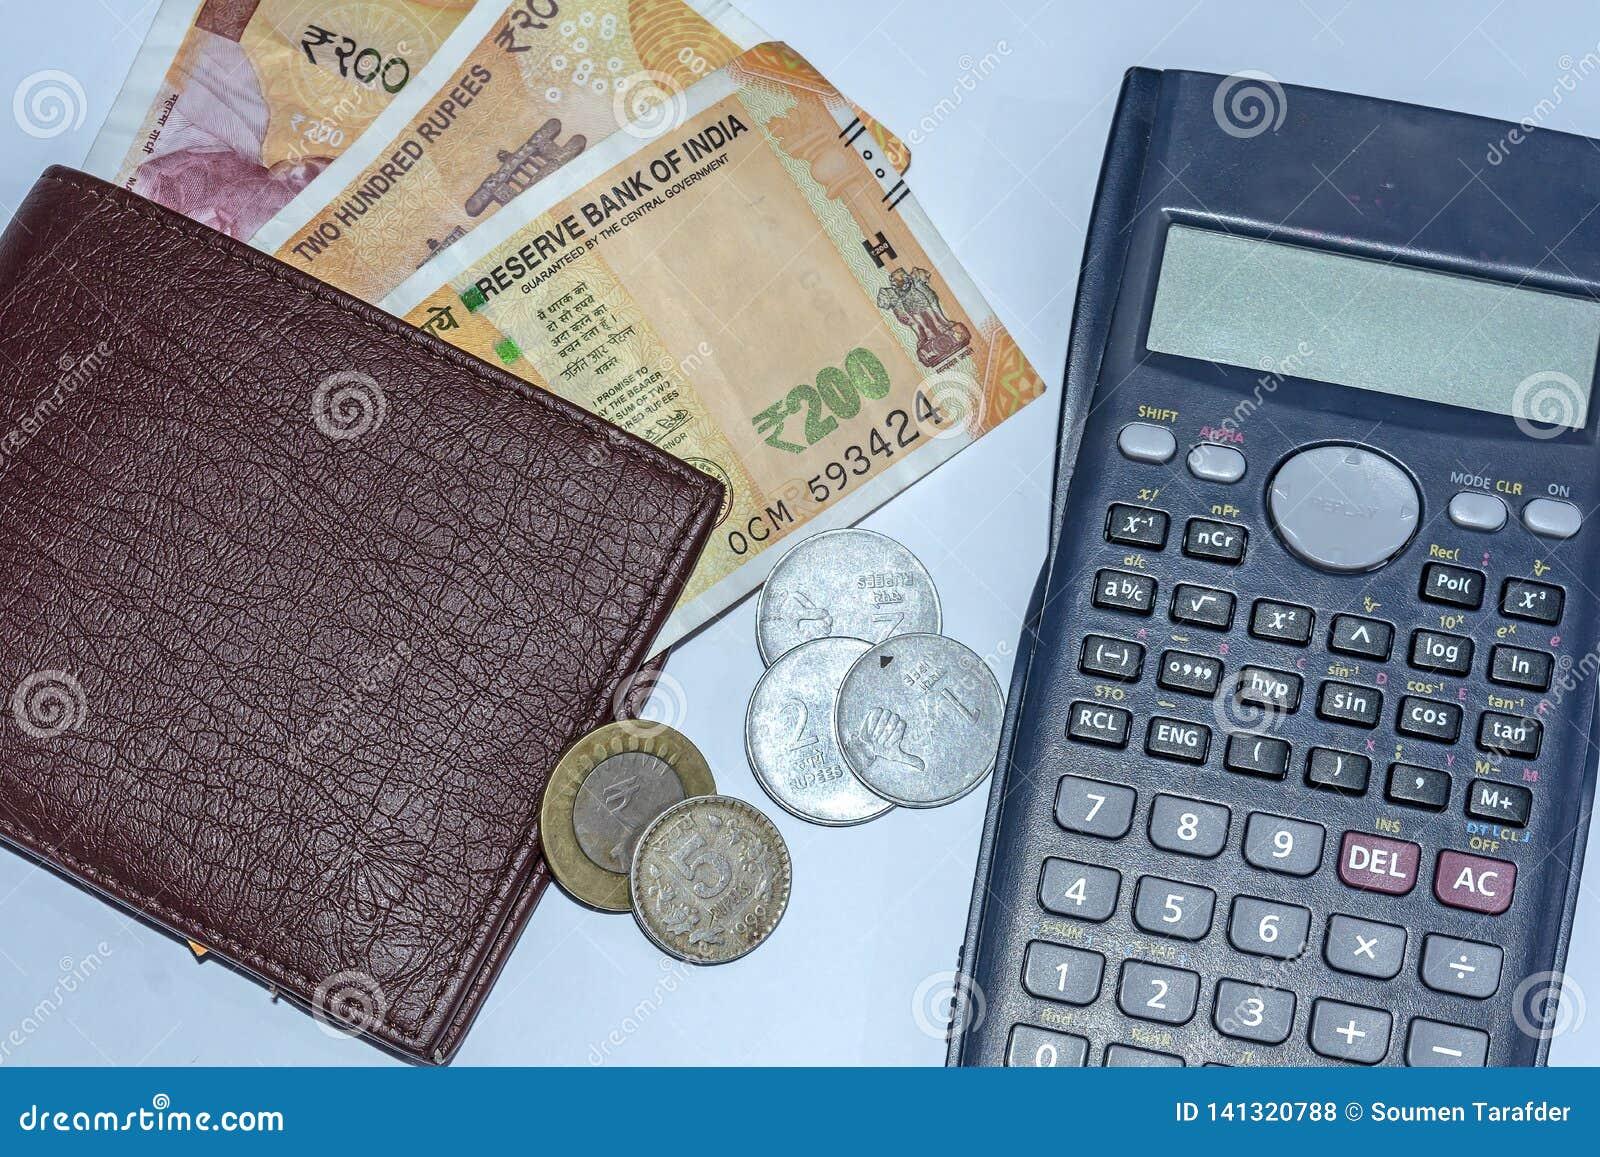 Κλείστε επάνω την άποψη του υπολογιστή, πορτοφόλι με ολοκαίνουργια ινδικά 200 τραπεζογραμμάτια ρουπίων και 1,2,10 νομίσματα ρουπί